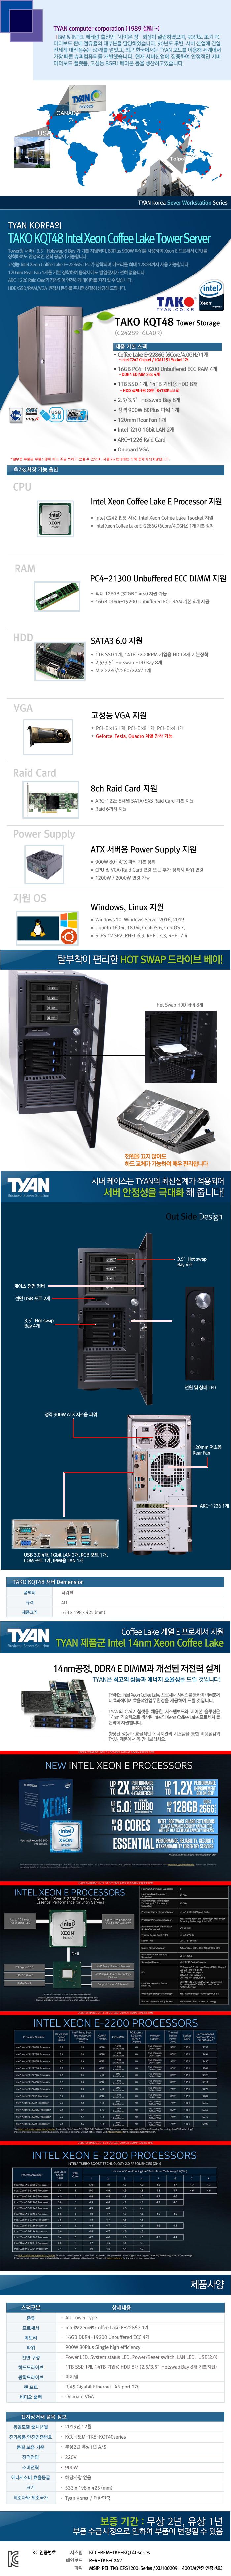 TYAN TAKO-KQT48-(C242S9-6C40R) (64GB, SSD 1TB + 84TB)